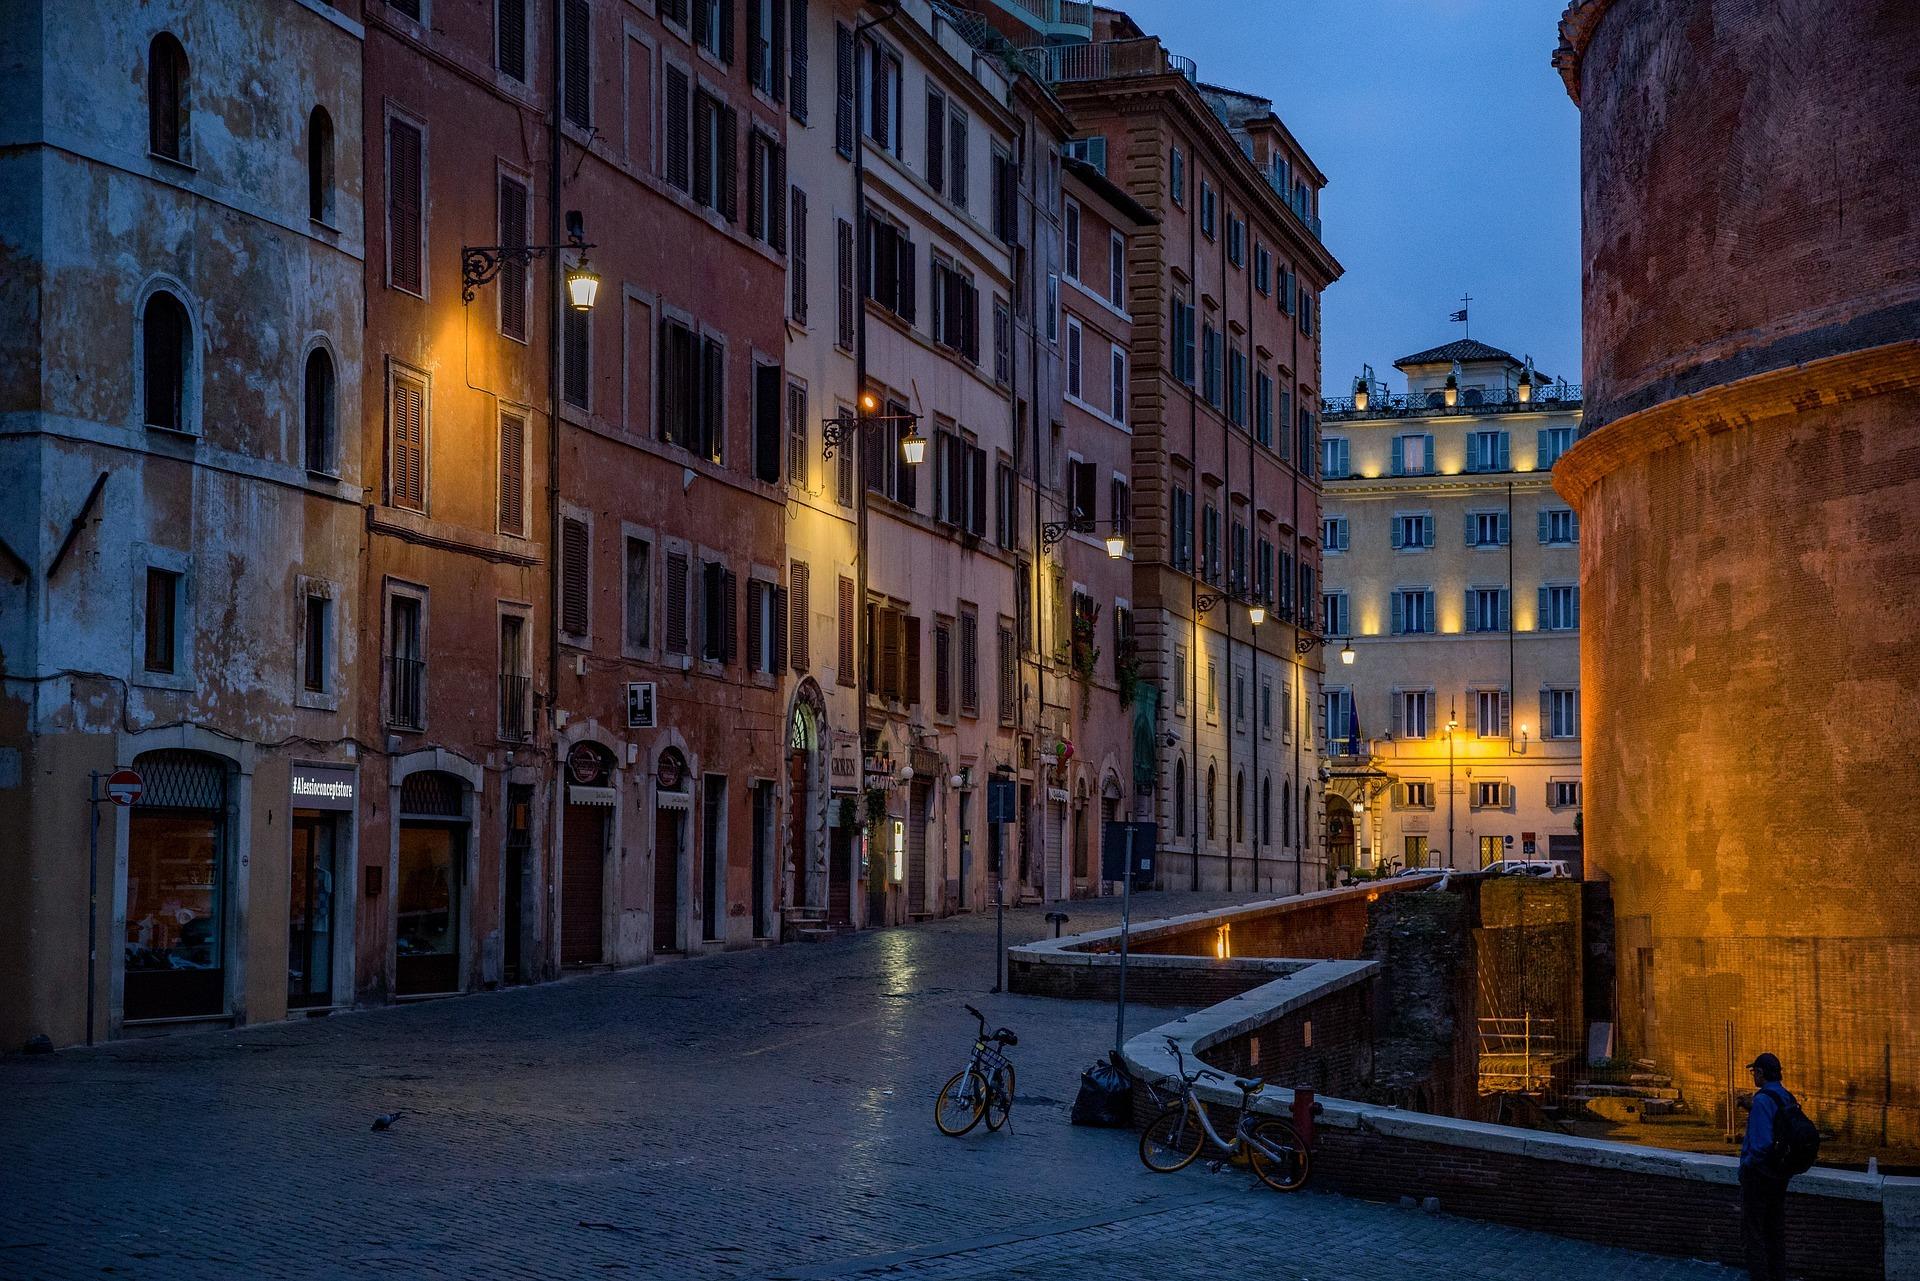 Foto da Rua Panteão em Roma. Rua estreita, à meia luz com prédios altos